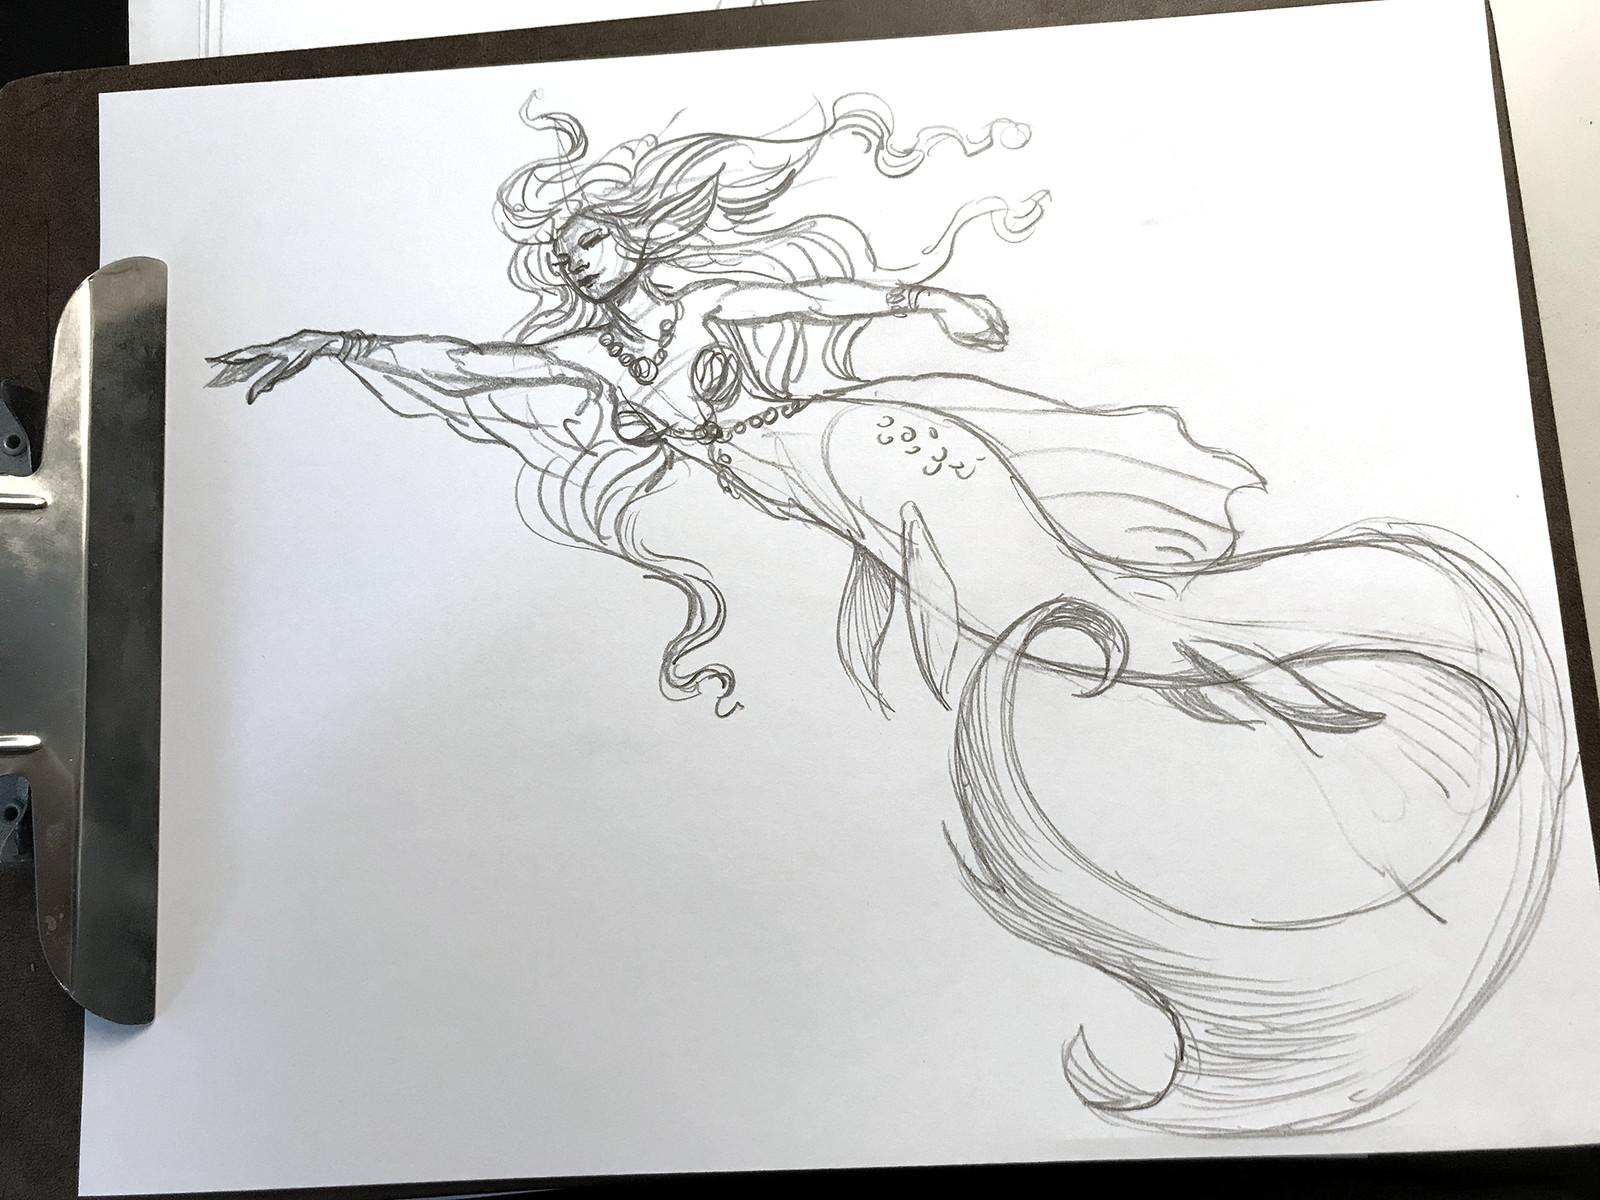 Blue Acara mermaid sketch